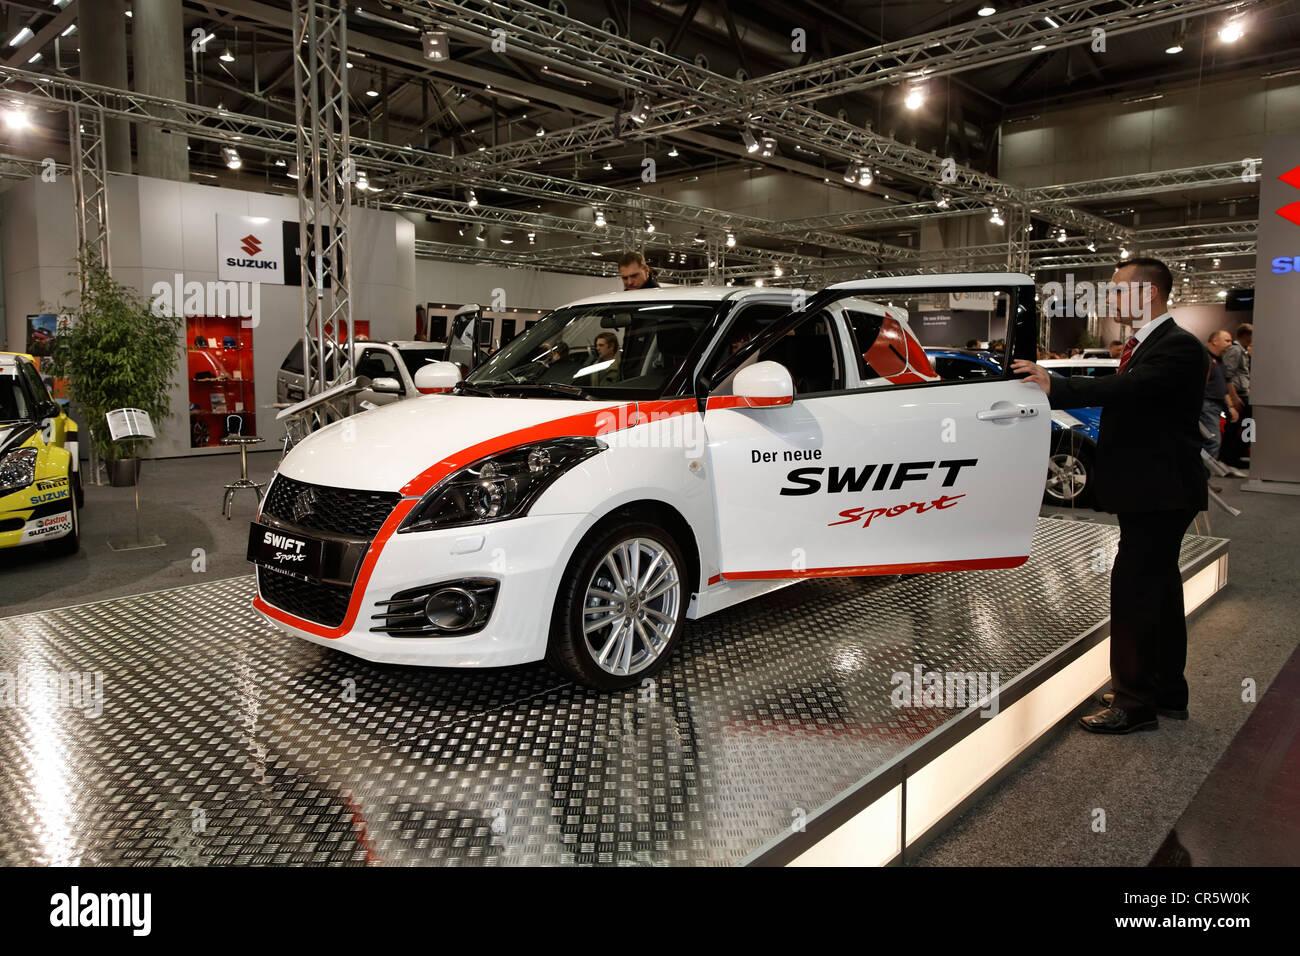 Suzuki Swift Sport on display at the Vienna Auto Show 2012, car show